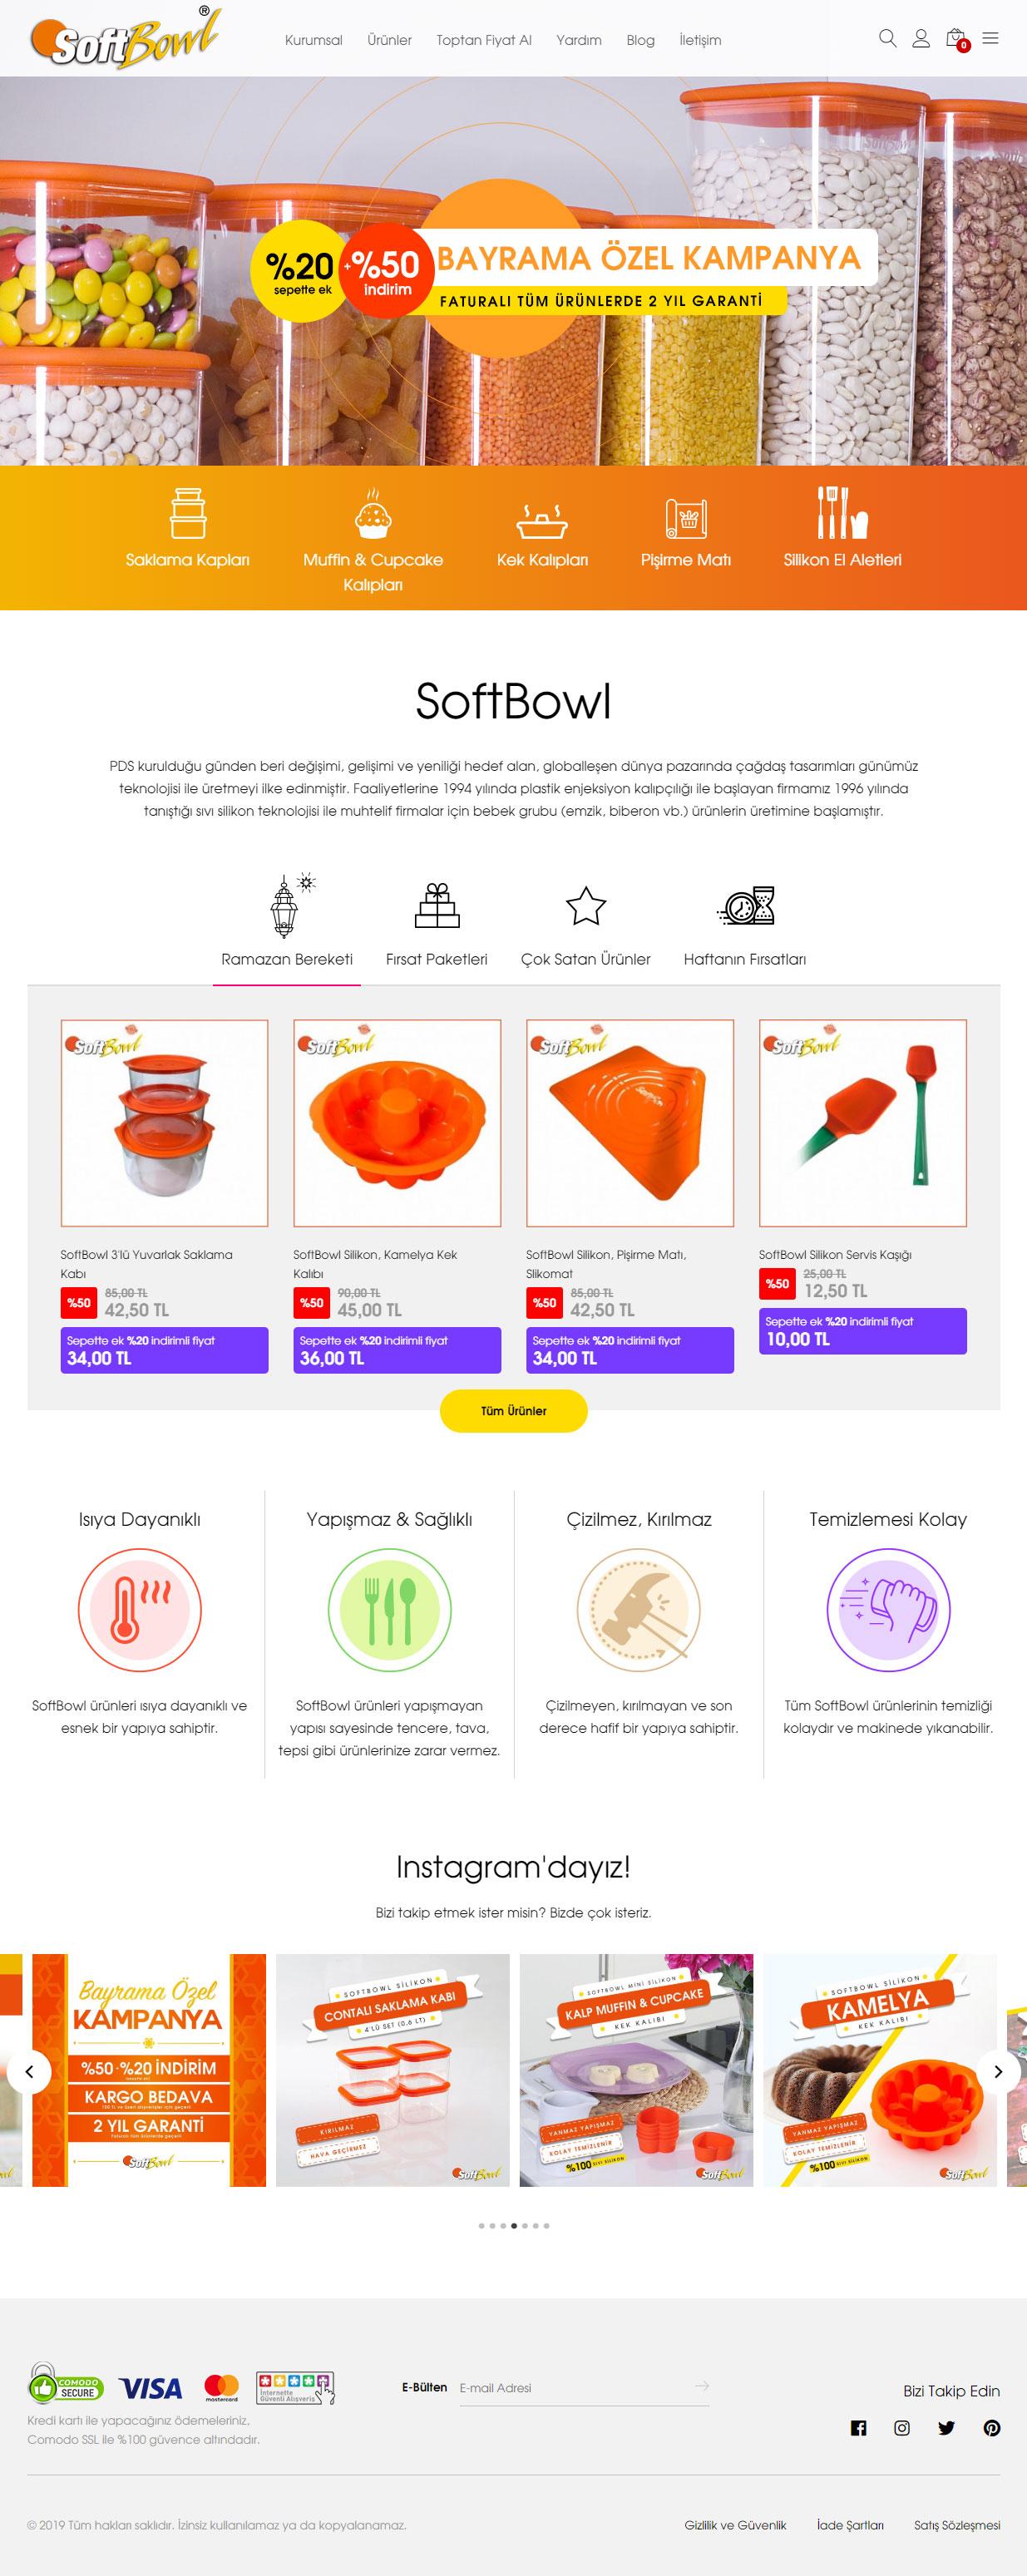 Silikondunyasi.com, Ana Sayfa Ekran Görüntüsü